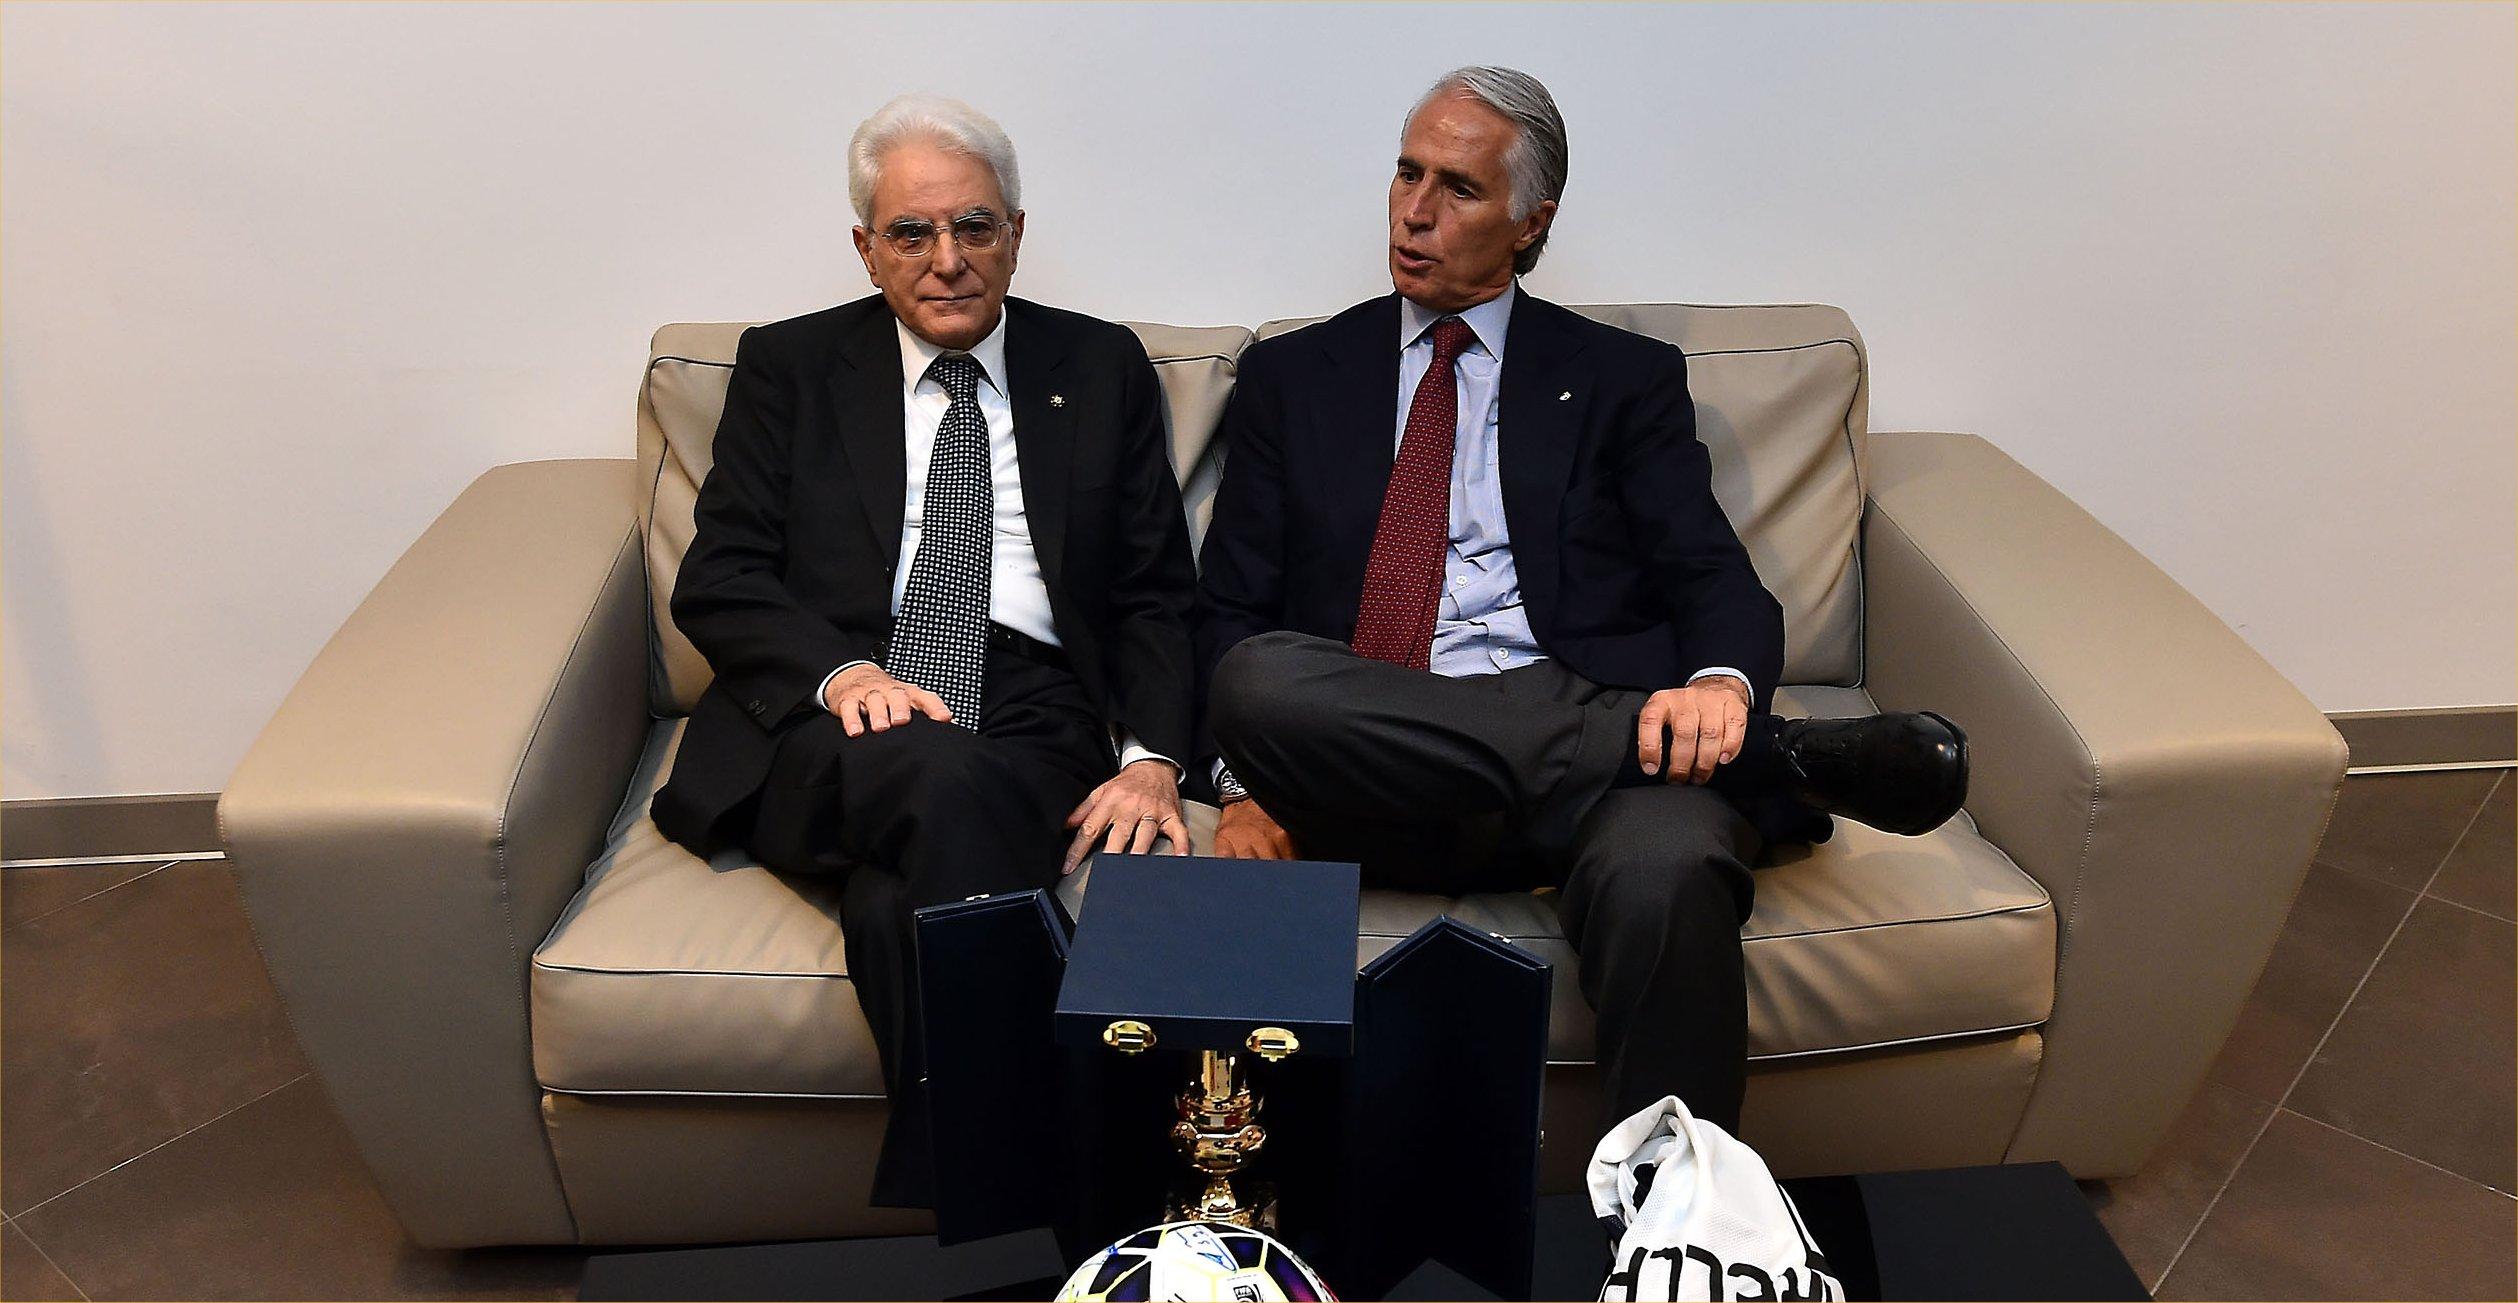 Diritti Tv Serie A 2018 - 2021, verso asta Rai - Mediaset per la Coppa Italia e SuperCoppa